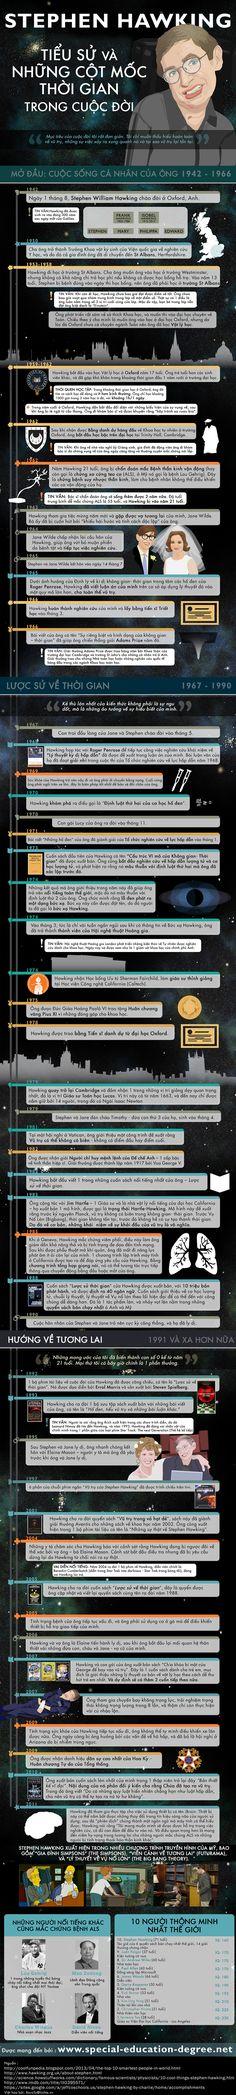 Stephen Hawking - Tiểu sử và các cột mốc quan trọng trong cuộc đời ông - Xem ở đây nhé - http://infographic24h.blogspot.com/  Ngoài Lề: http://www.saigonpearlapartment.com/the-manor-100sr/1 http://vesinhhoanmy.vn/dich-vu-ve-sinh.html